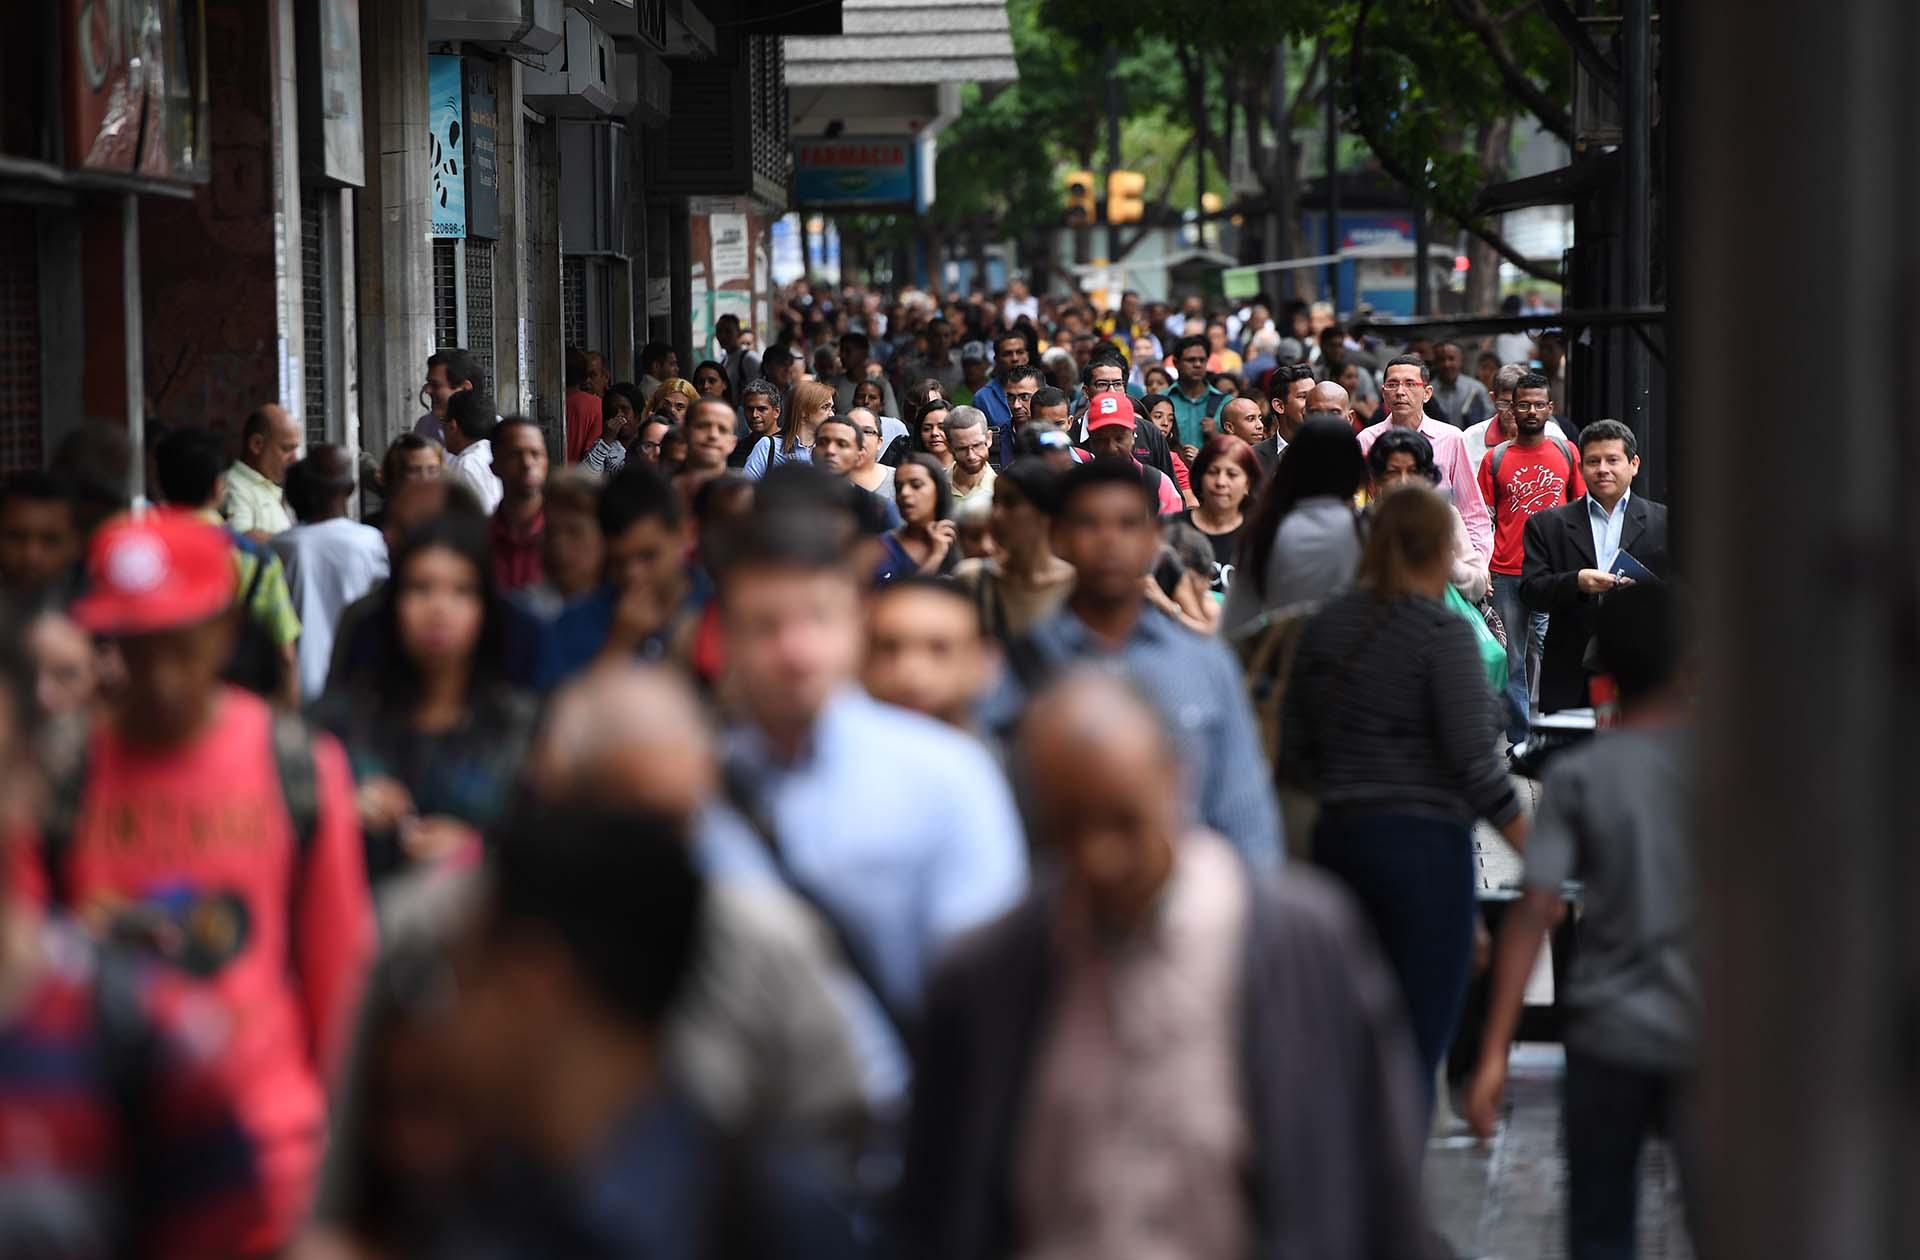 El metro de Caracas dejó de funcionar por el corre, y miles de venezolanosse vieron obligados a volver a sus casas a pie